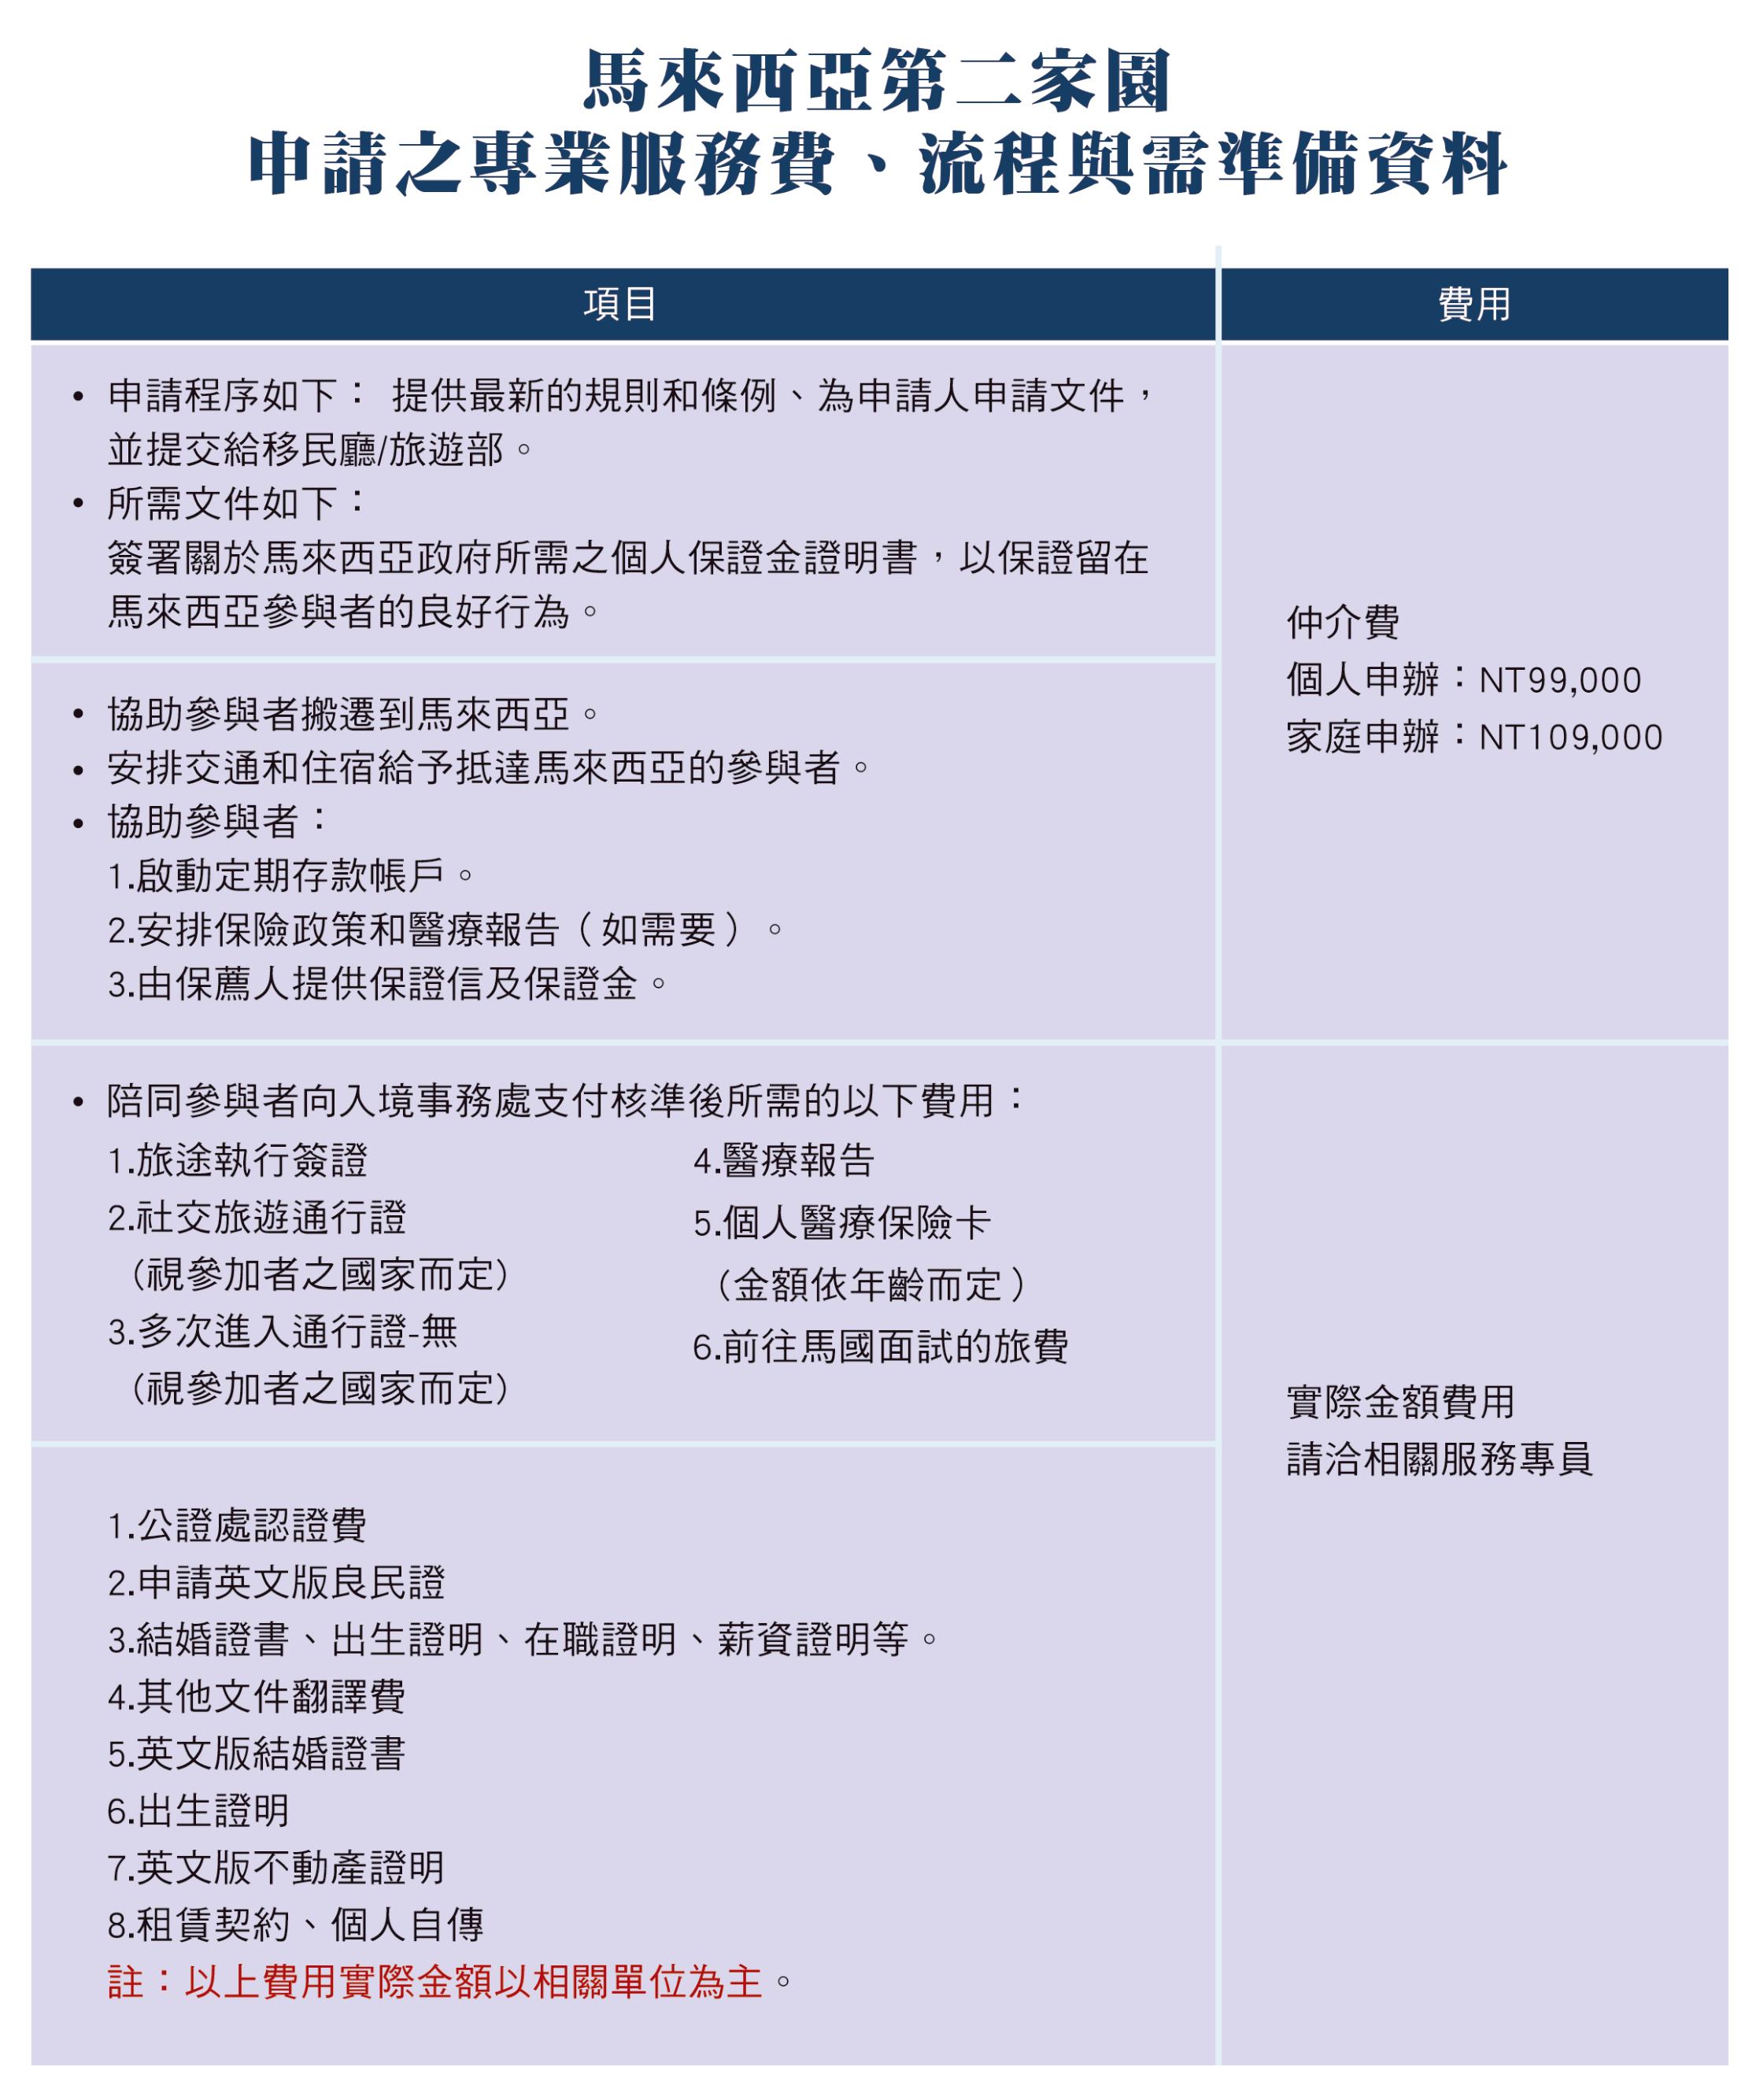 JVV台灣官網-MM2H申請流程-C